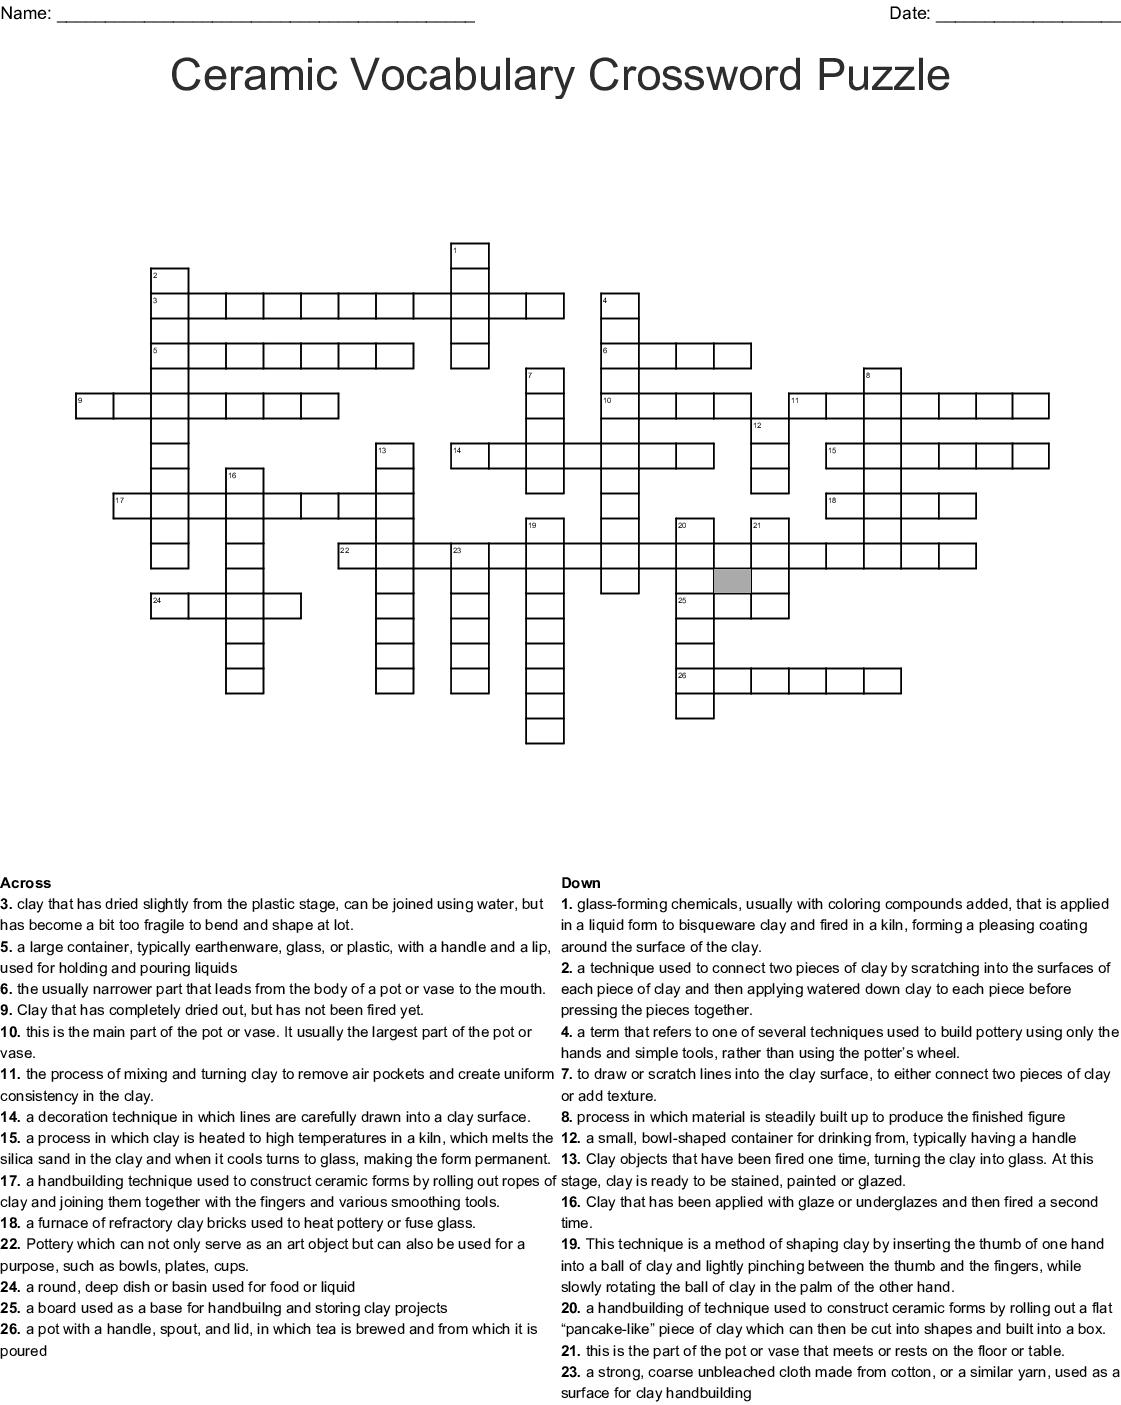 Ceramic Vocabulary Crossword Puzzle Wordmint